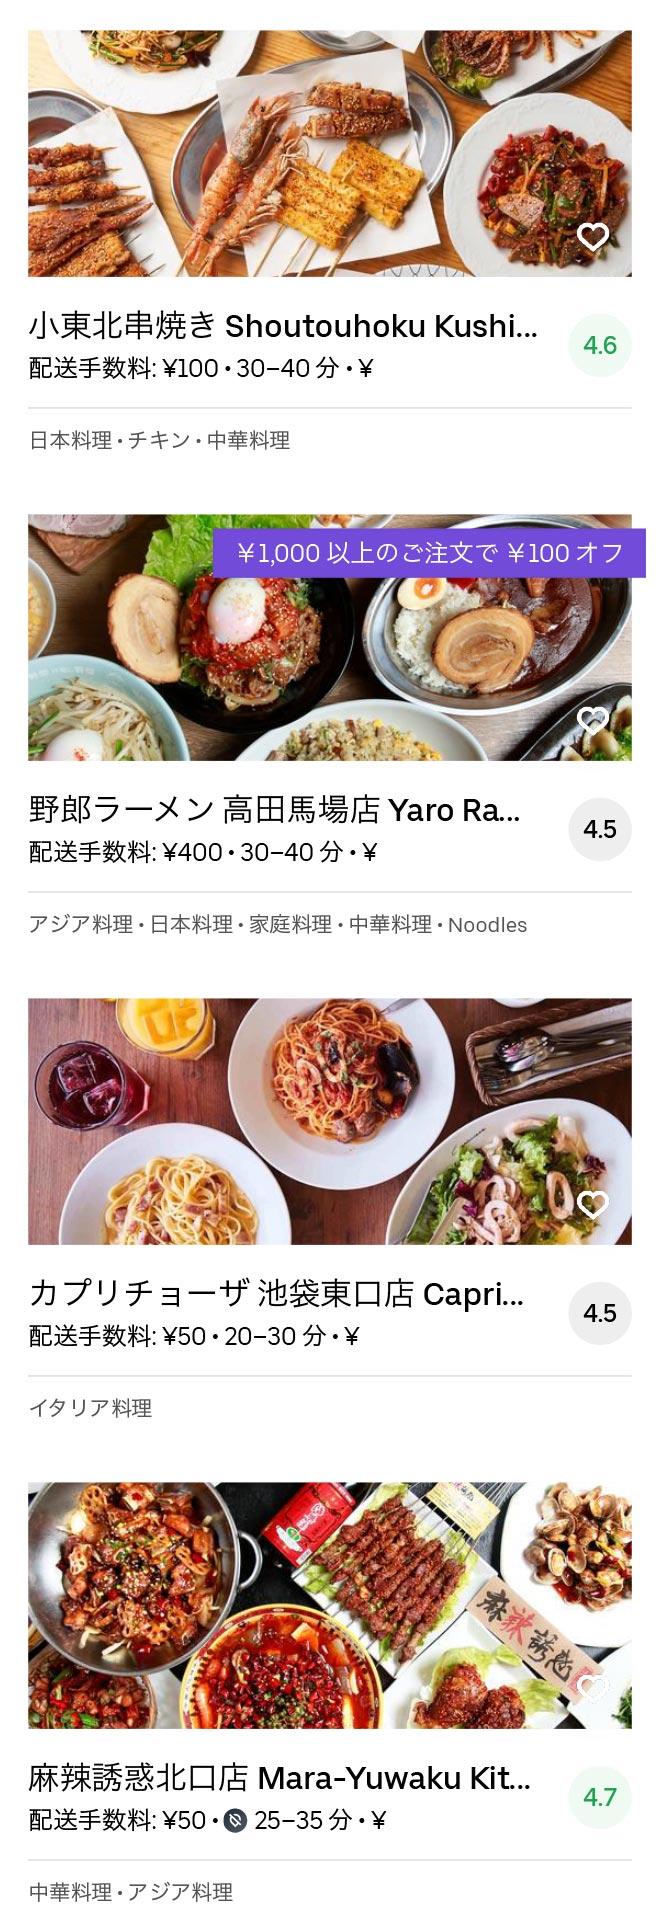 Tokyo otsuka menu 2005 11